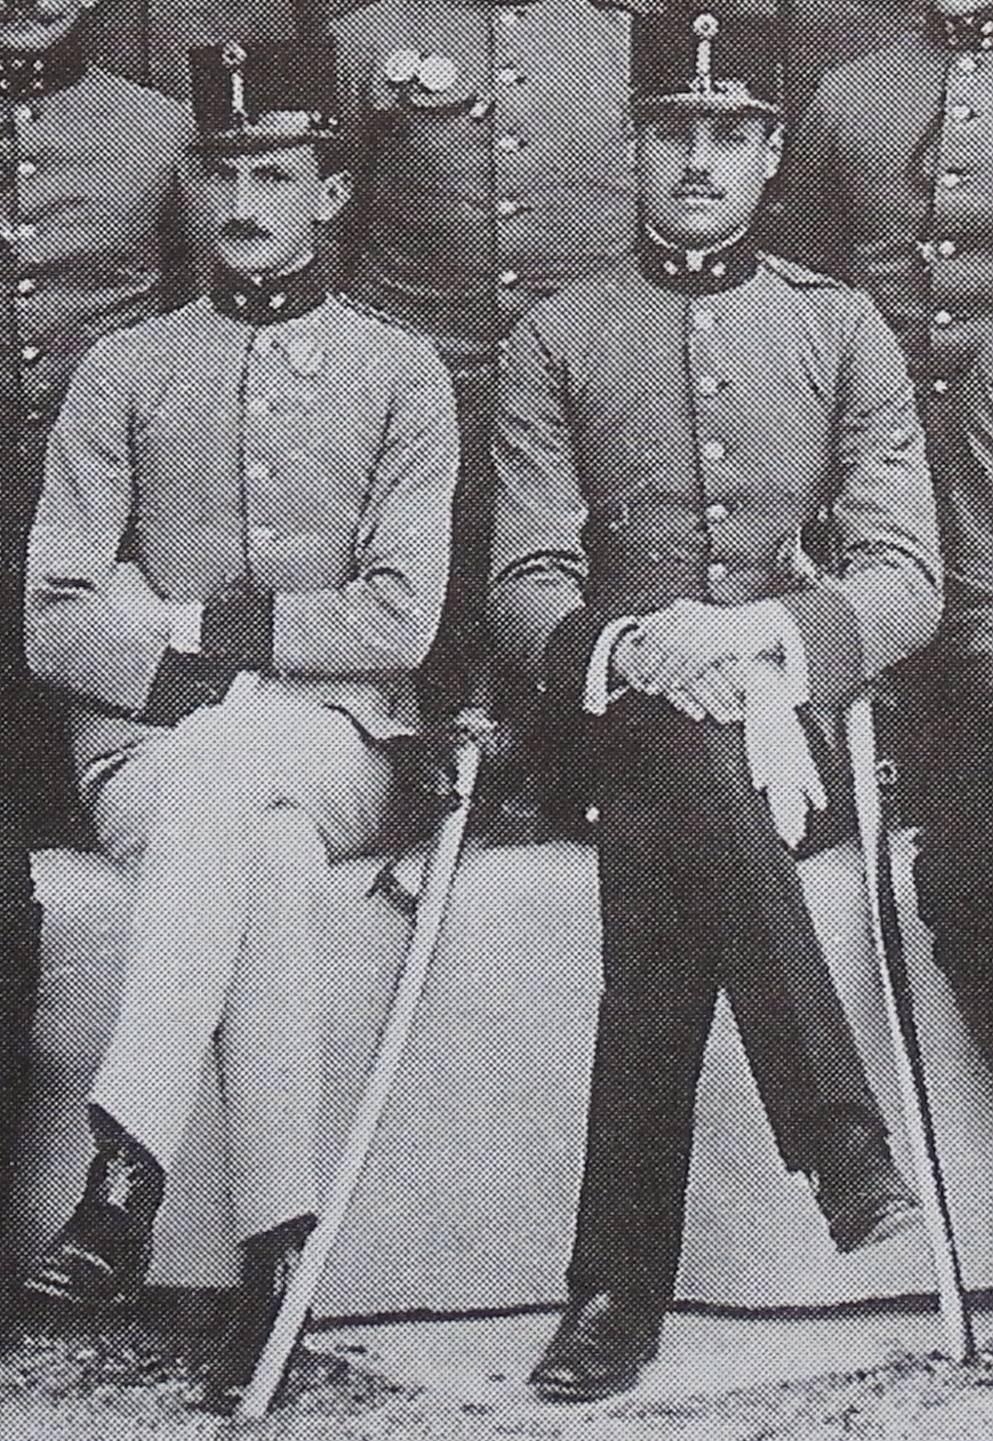 Max als Leutnant mit Anton VALLNER, Kaserne Görz, vor 1914.